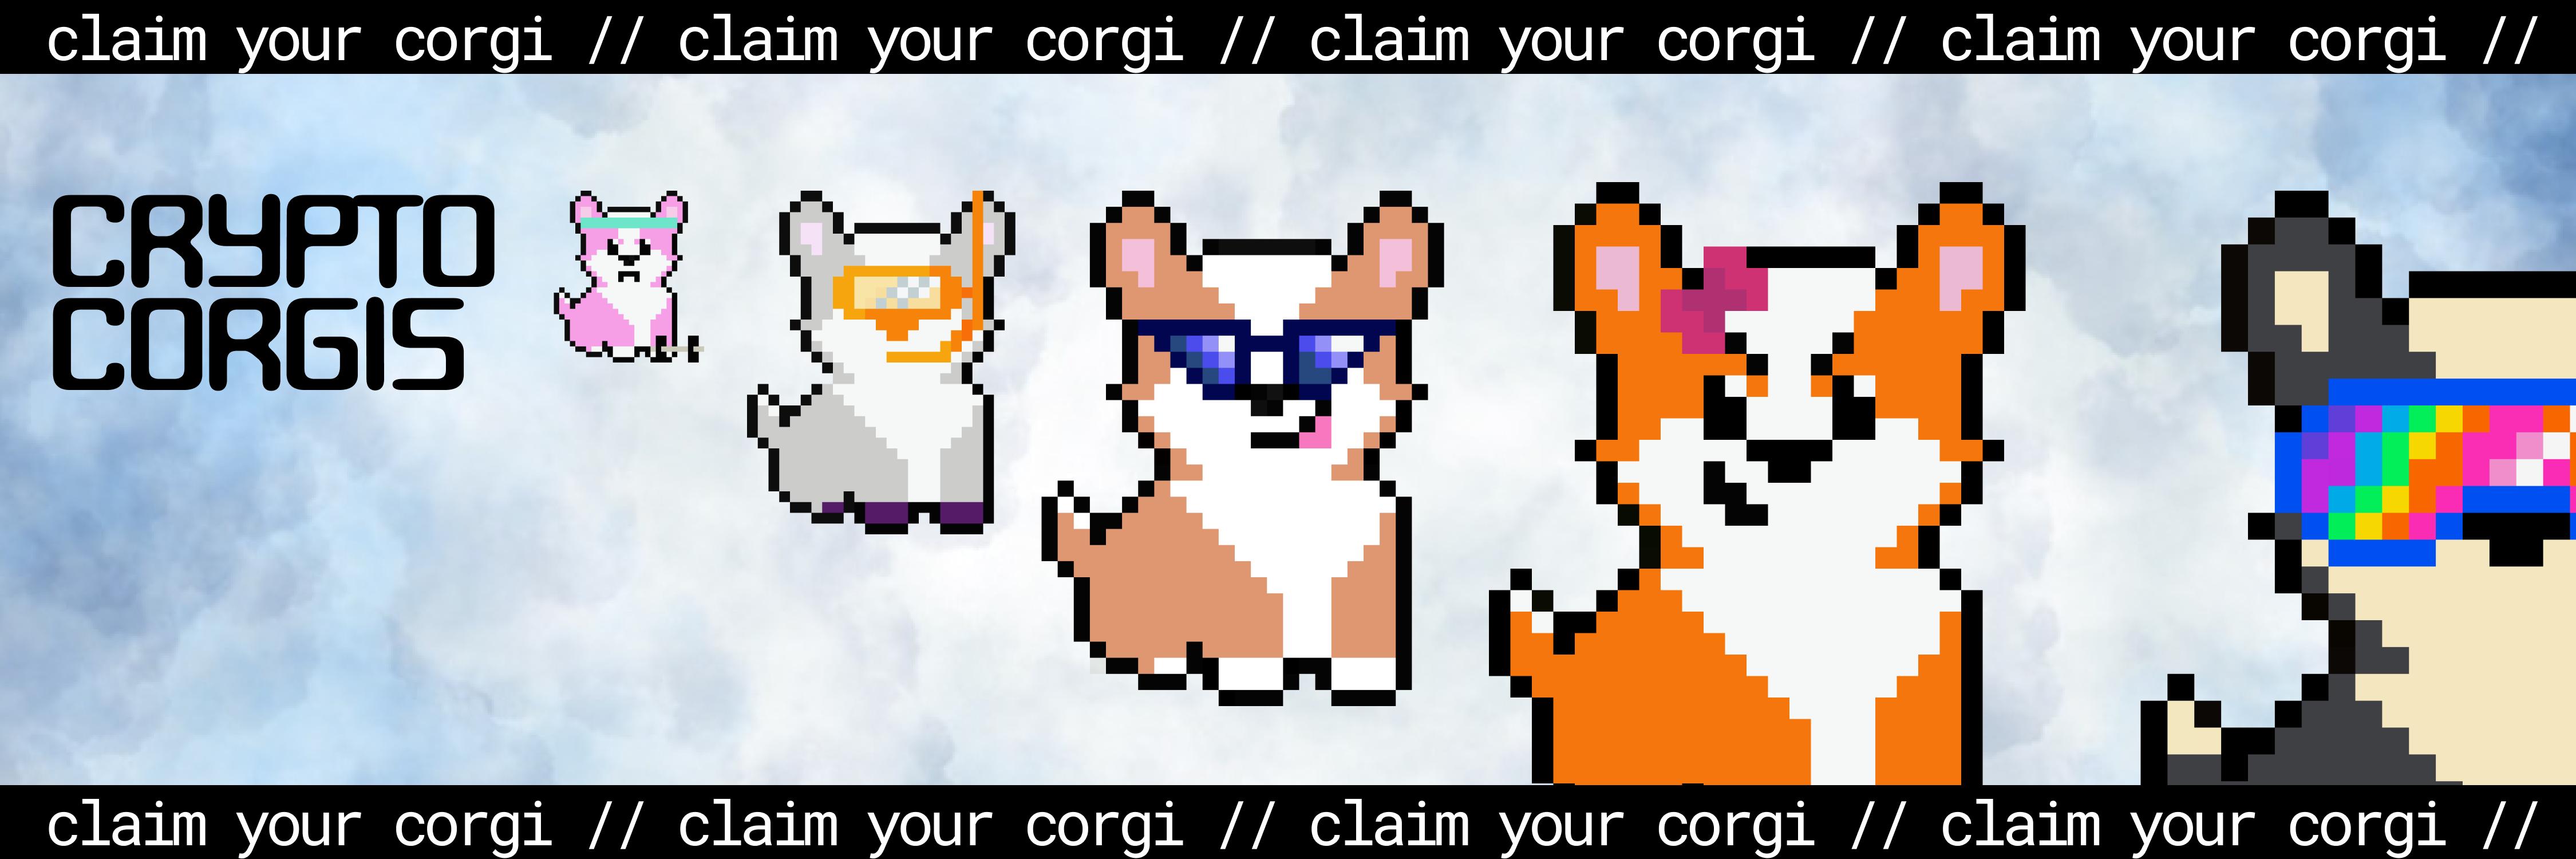 Crypto Corgis showcase